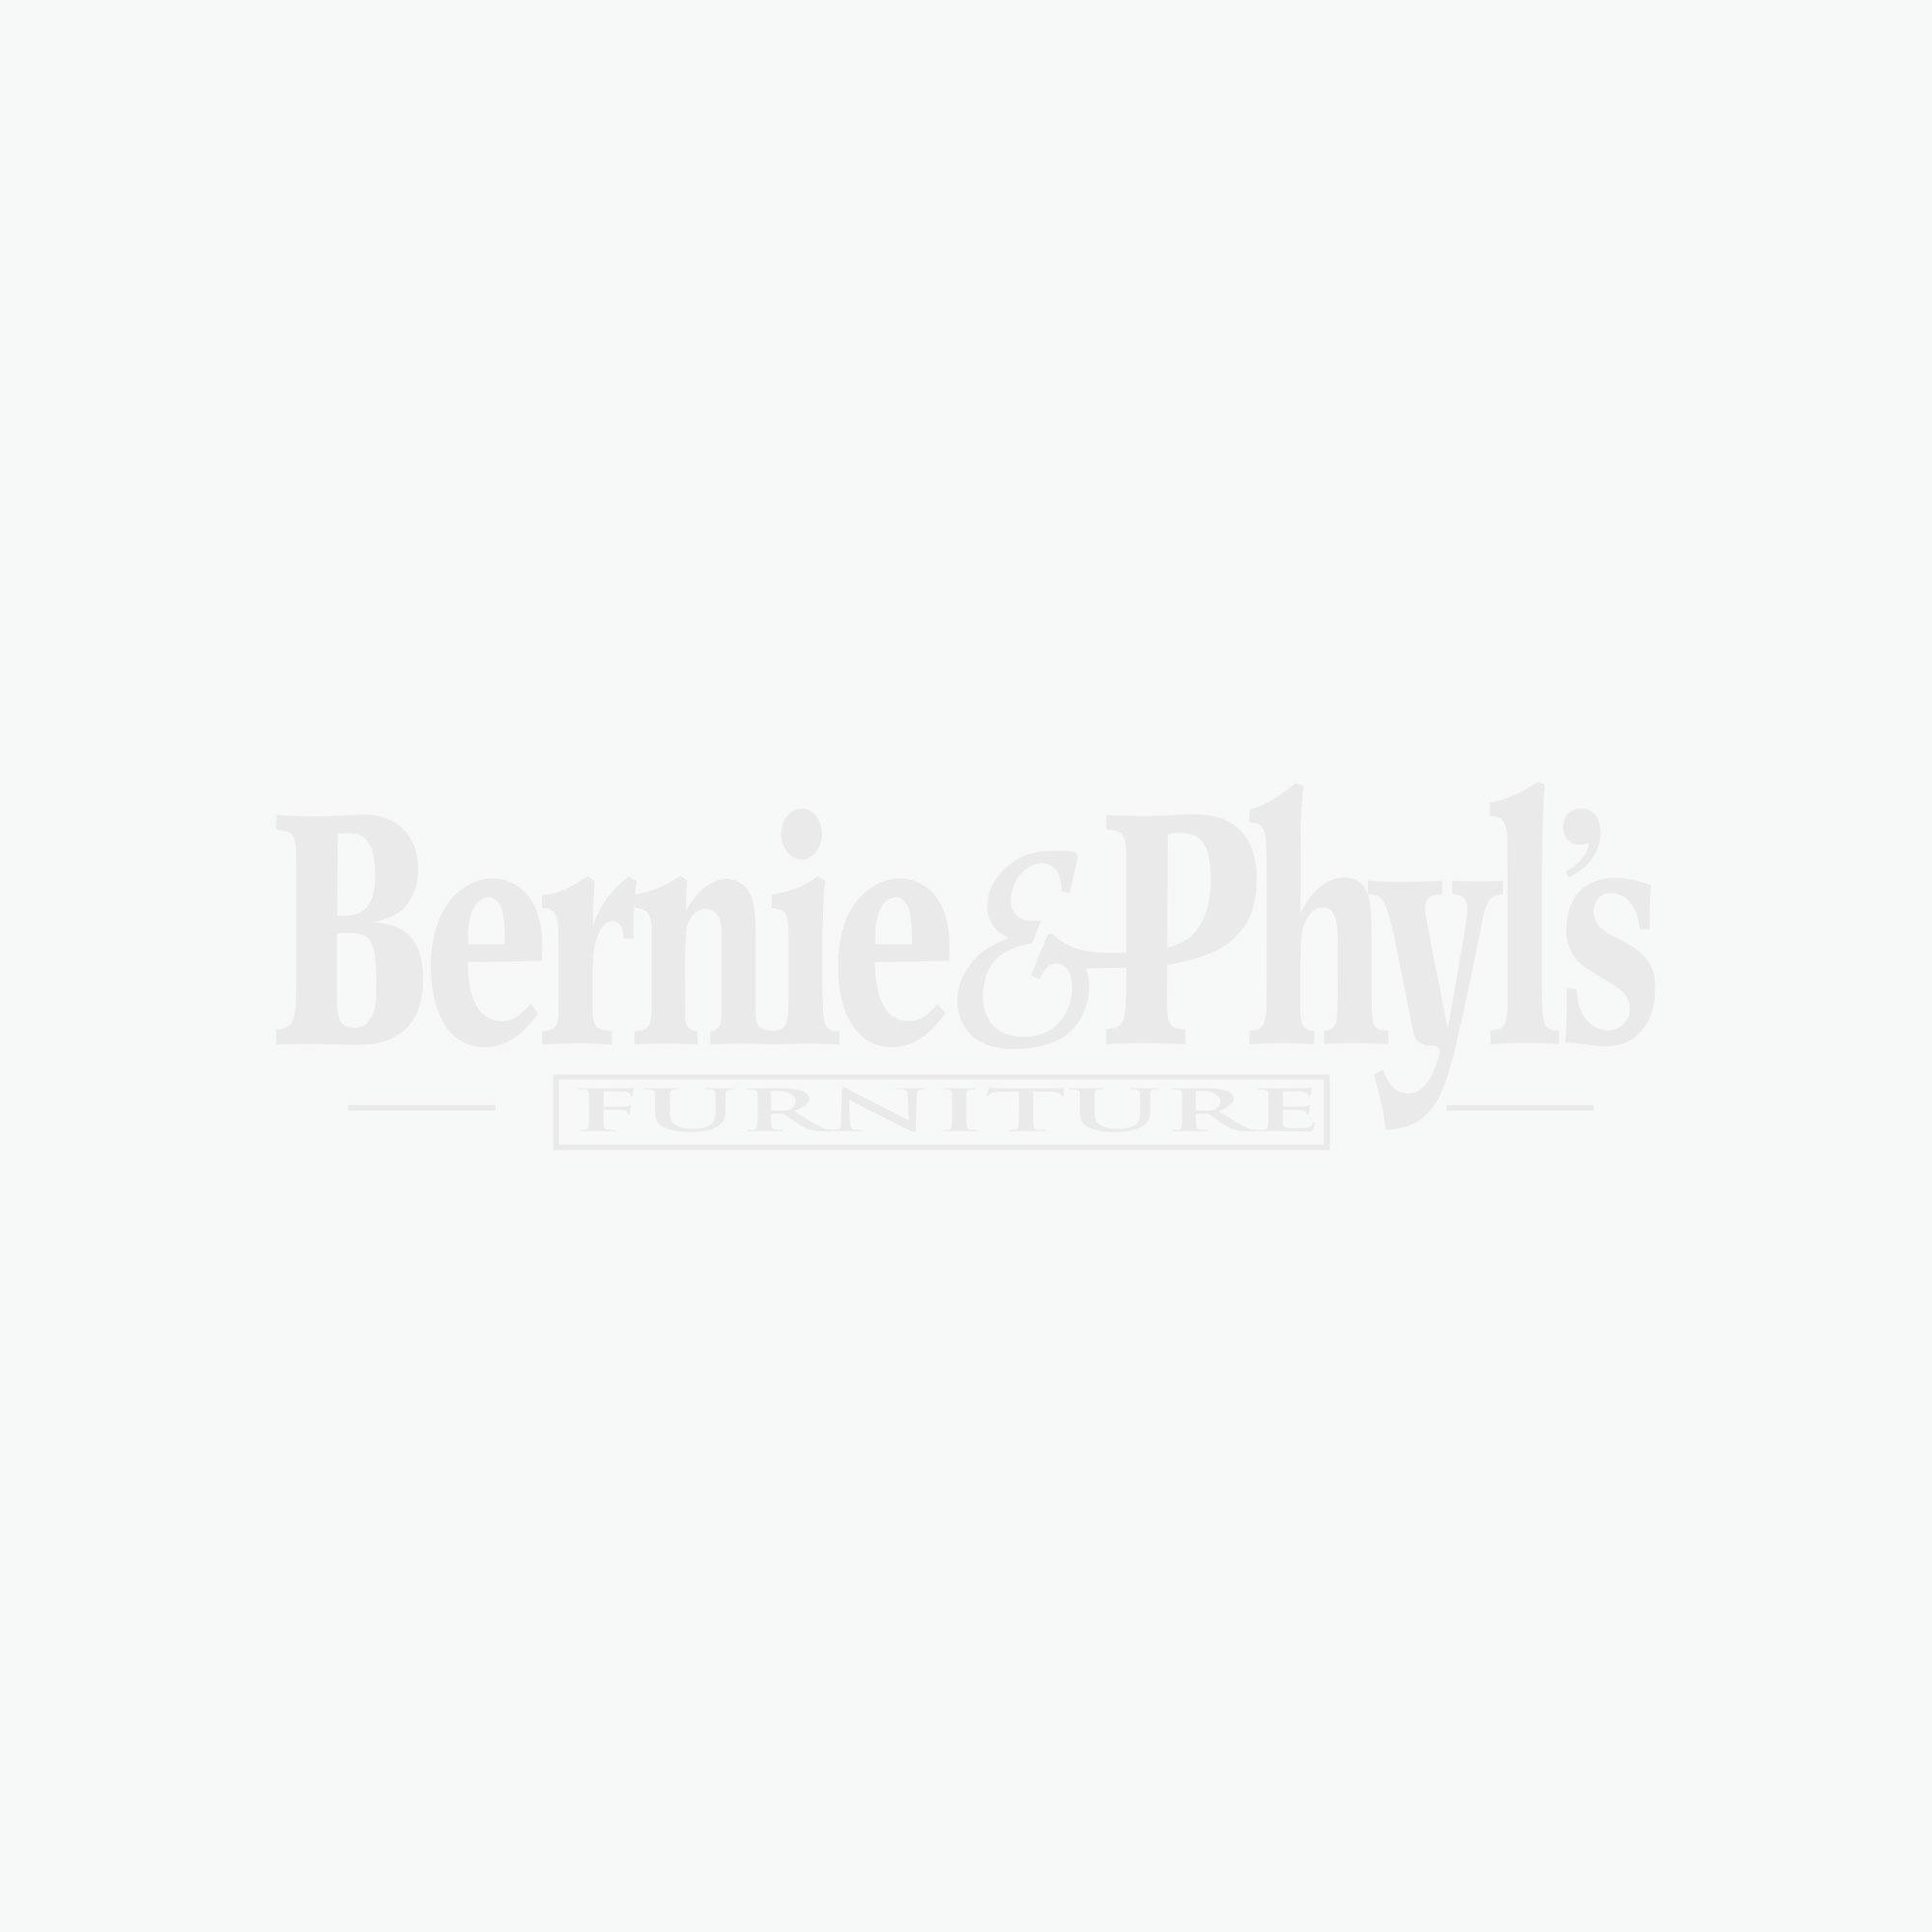 New Furniture Arrivals White Bernie Phyls Furniture